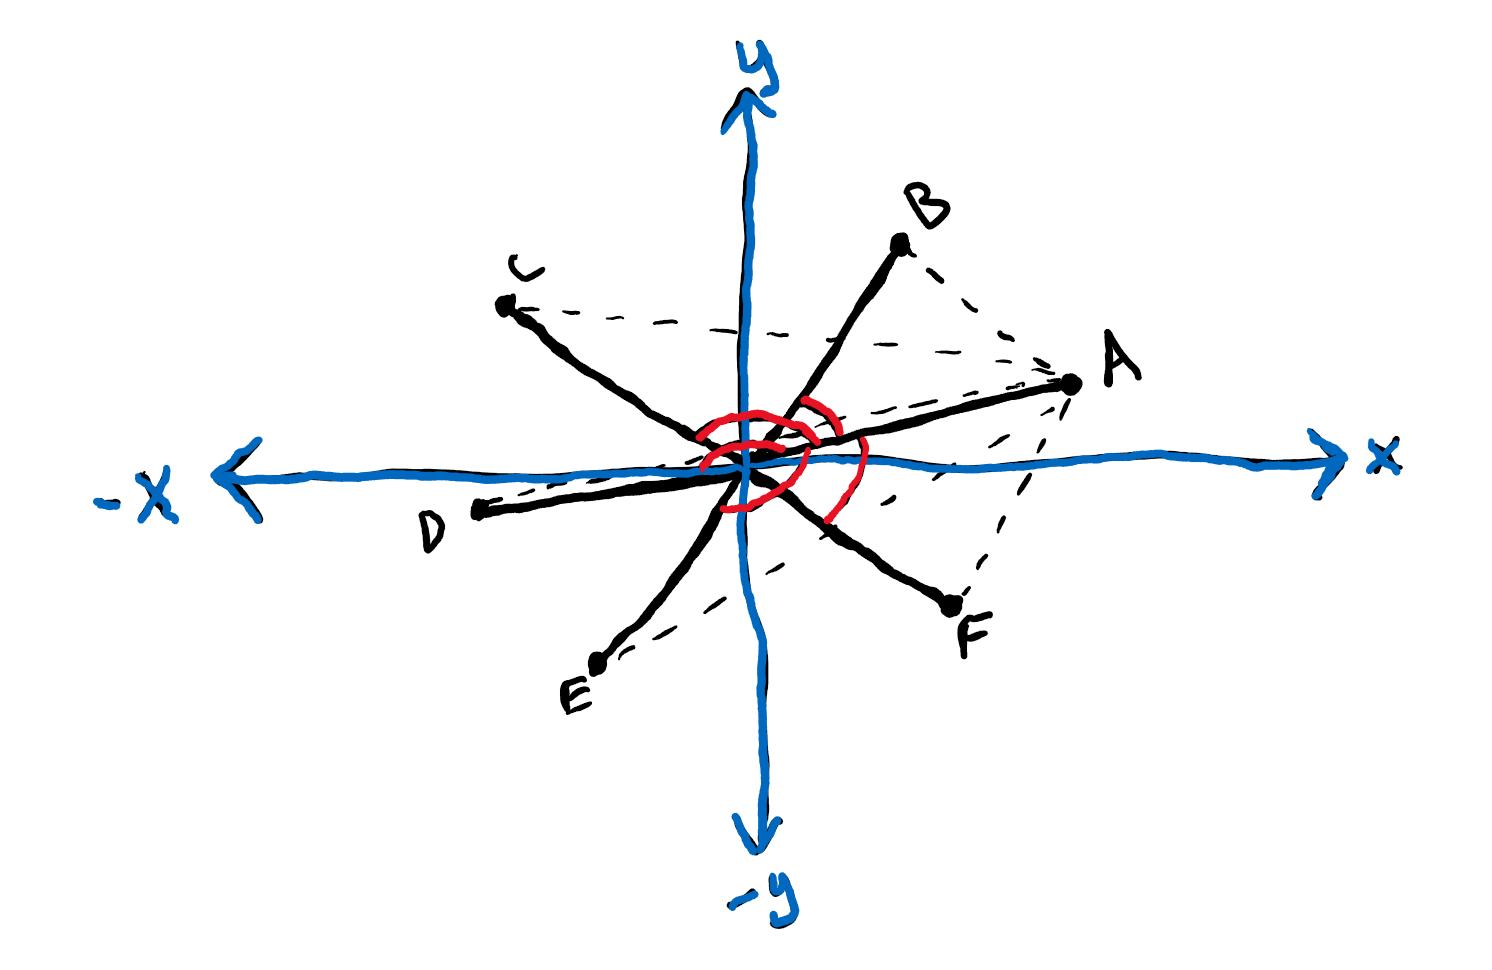 rotation-drawing